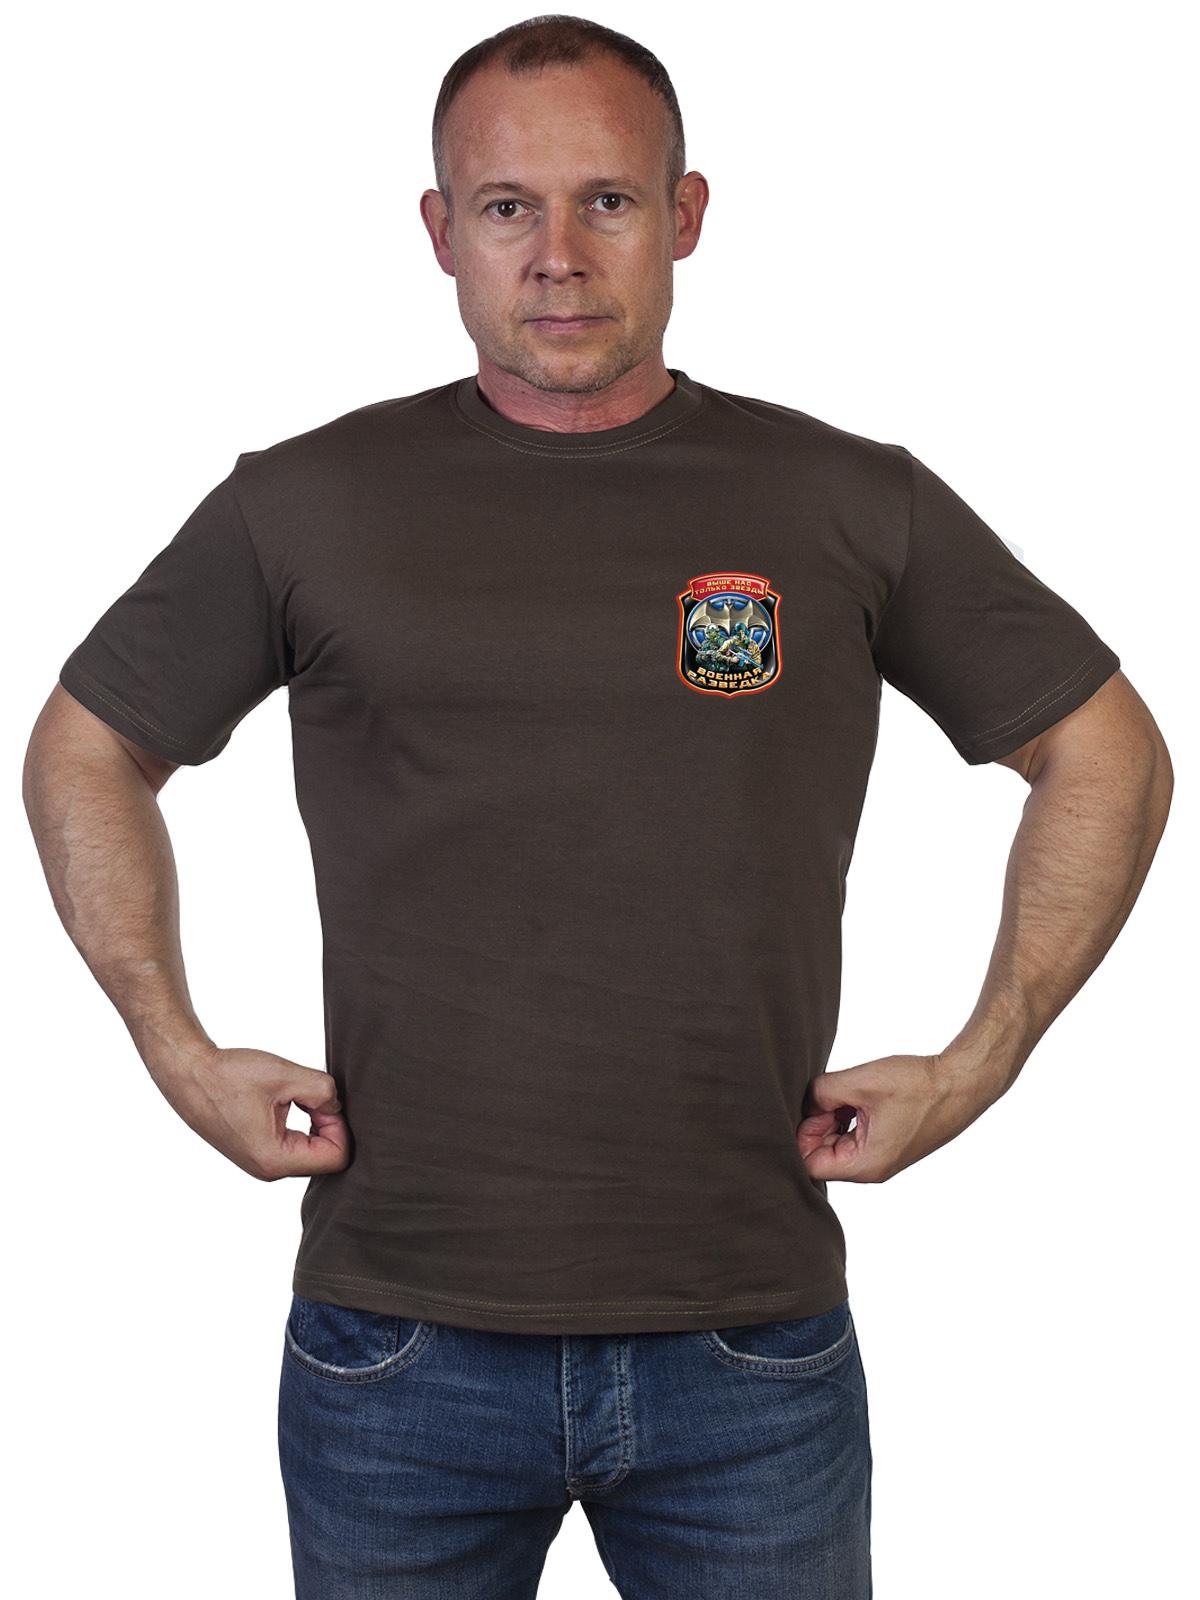 Купить милитари футболку Разведка